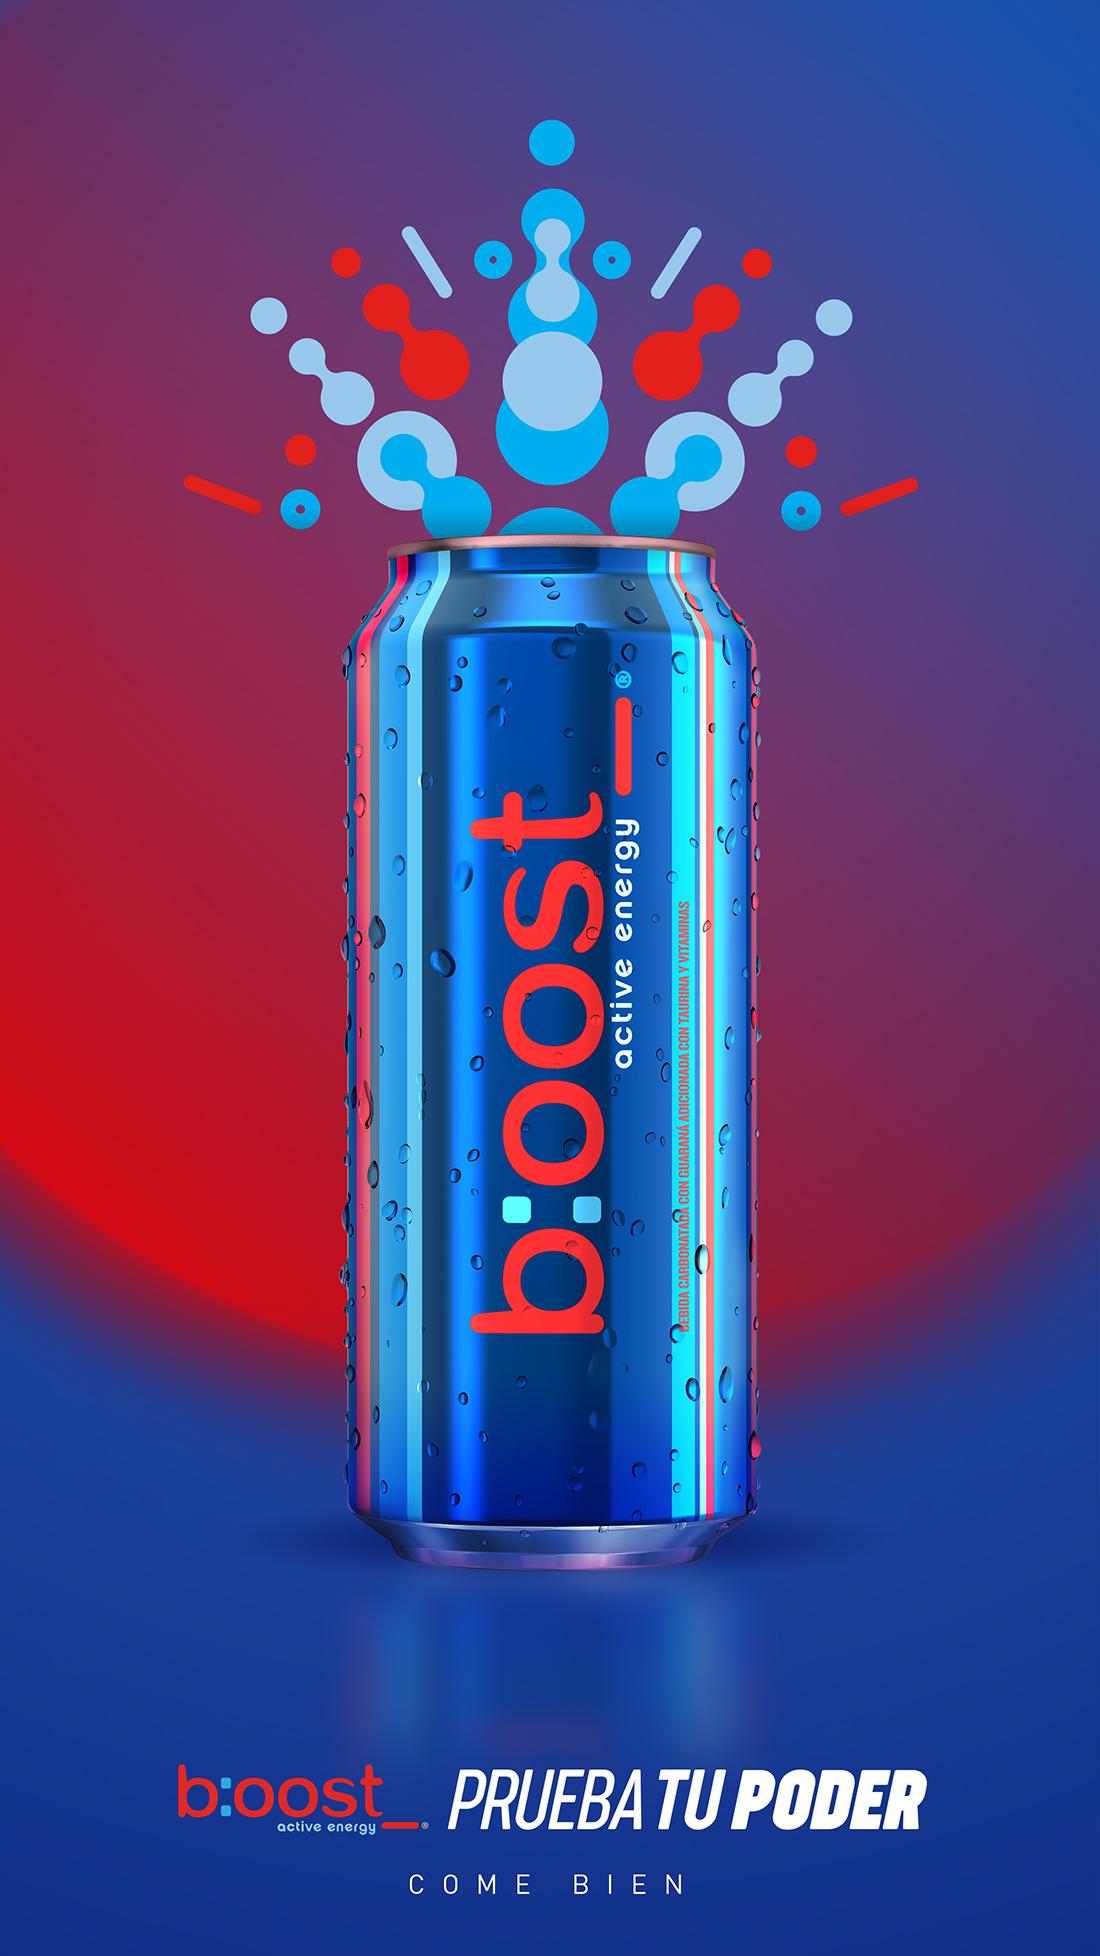 boost-6